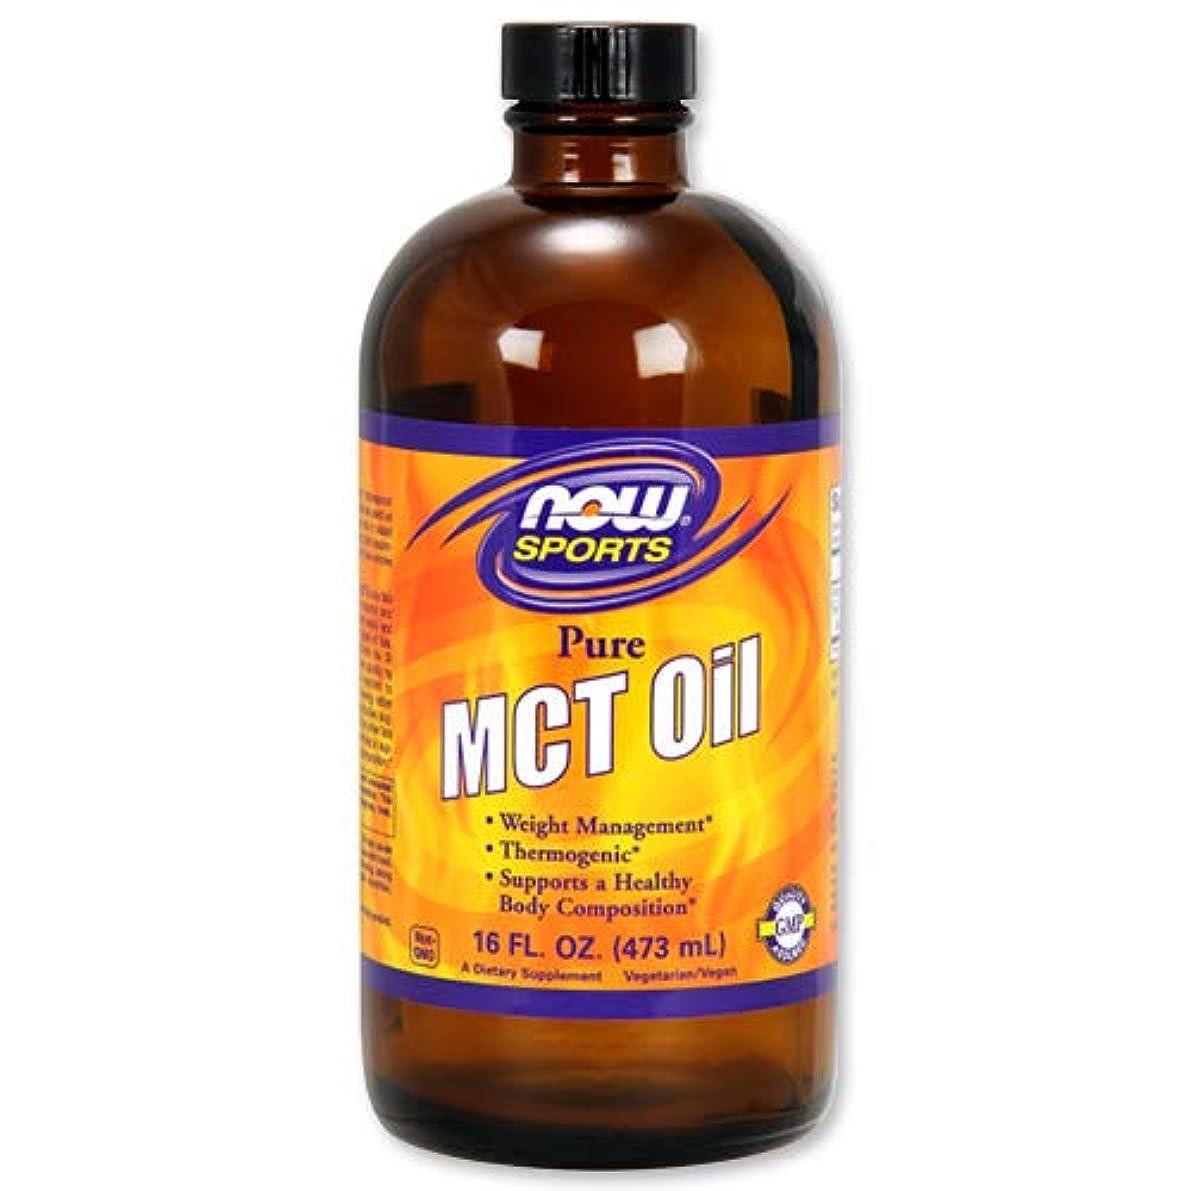 絶壁カビ悪意のあるNOW Foods MCTオイル 16 FL OZ 473ml [海外直送品]